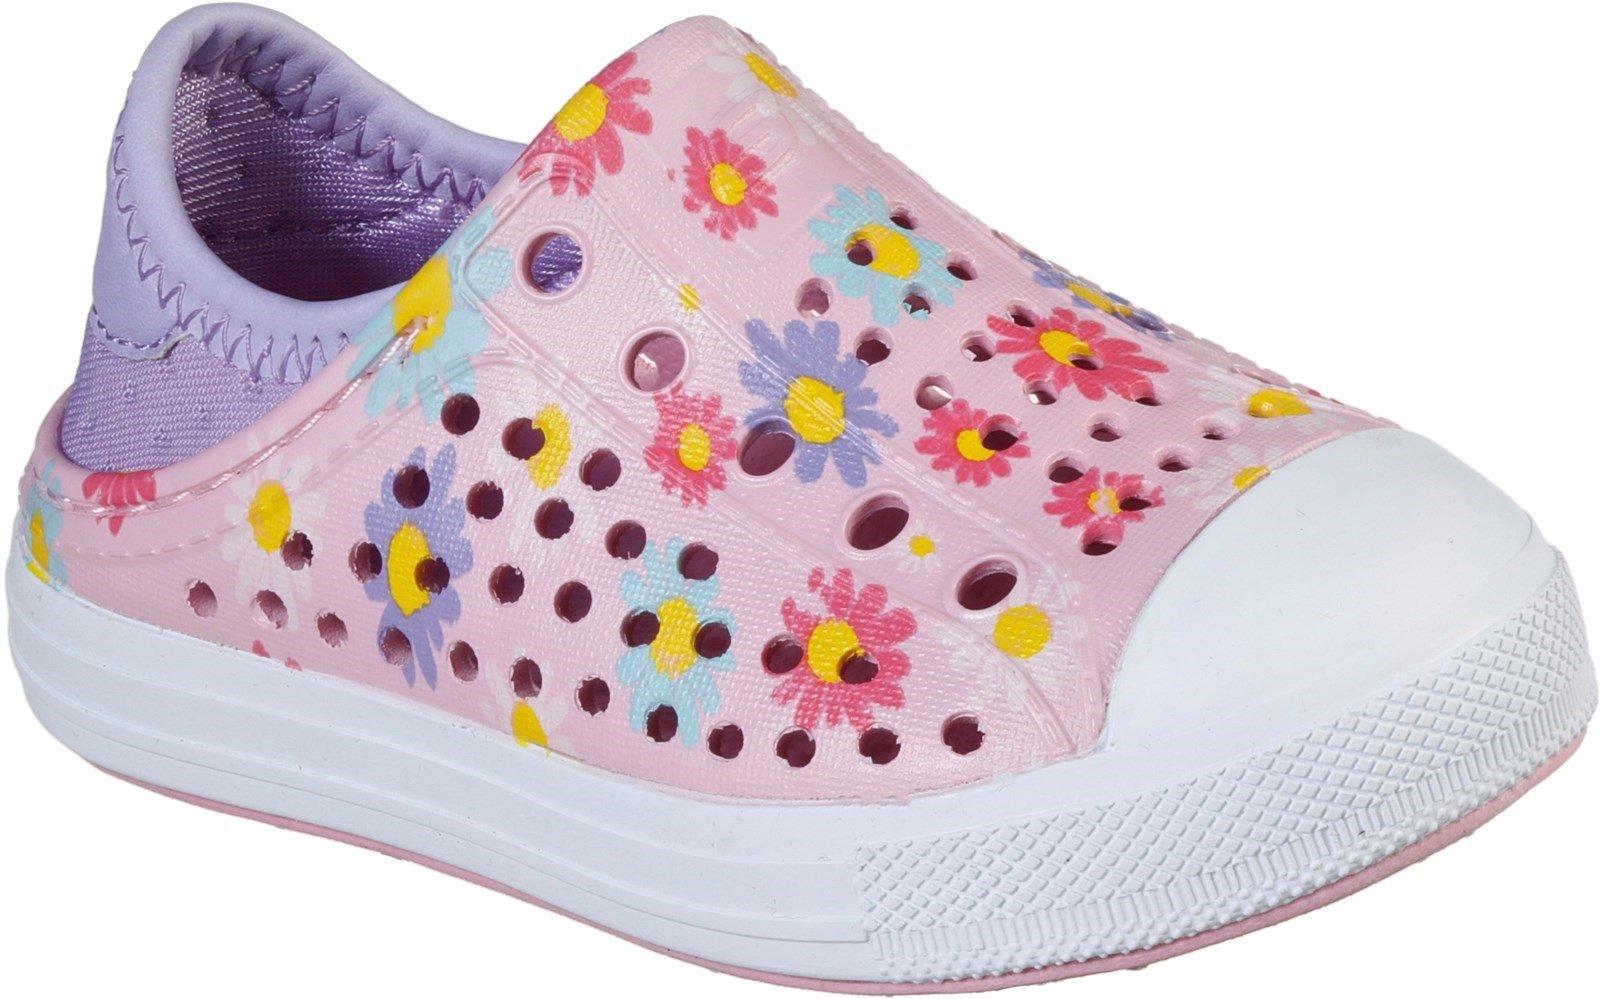 Skechers Women's Guzman Steps Hello Daisy Slip On Sandal Pink 30781 - Pink 4